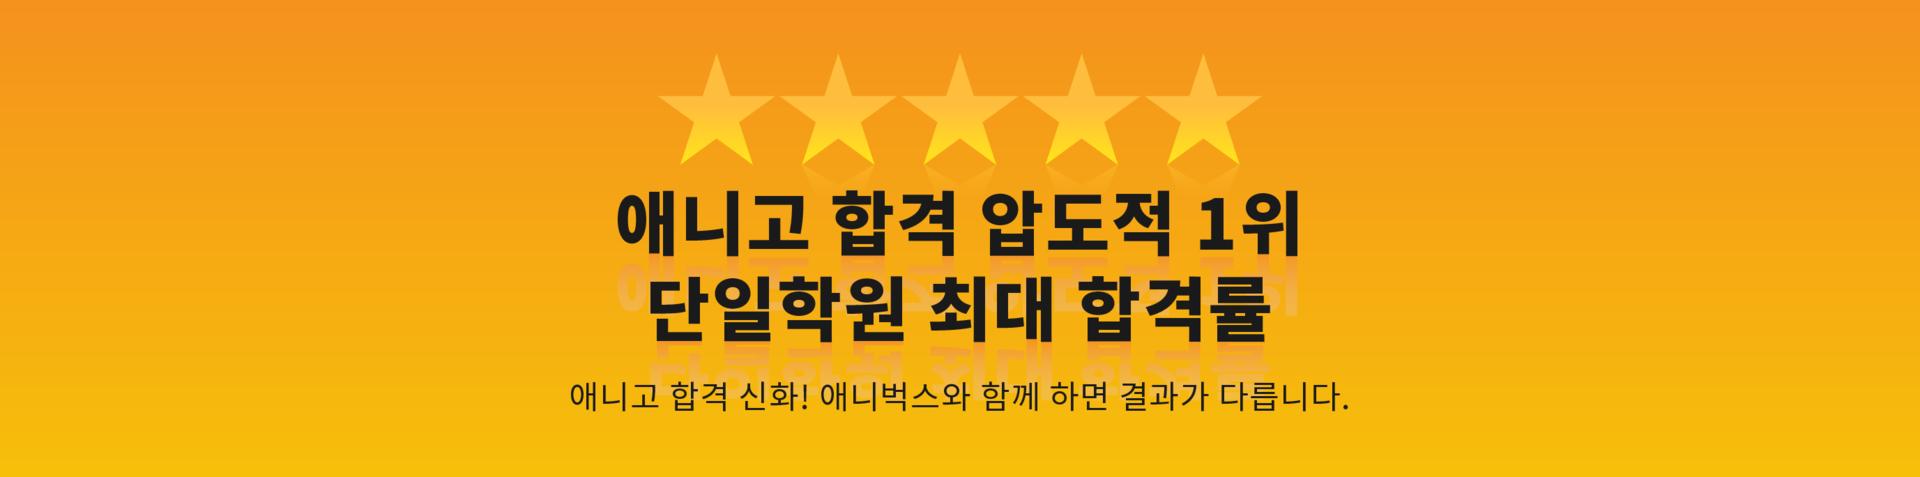 애니고 합격 압도적 1위 애니벅스 만화학원